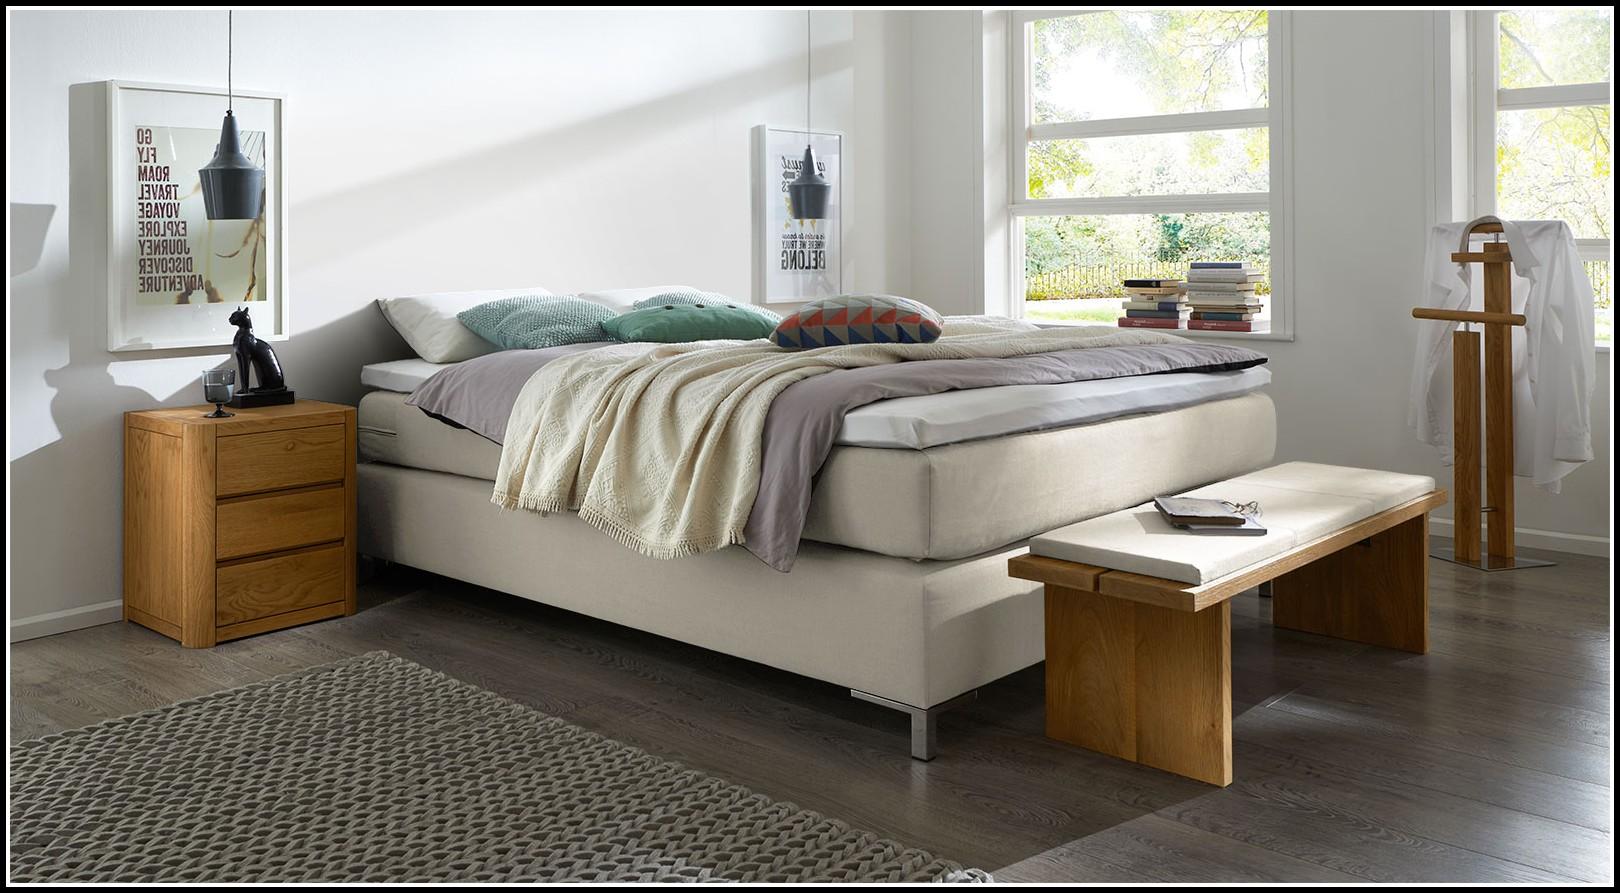 Betten Ohne Kopfteil 120x200